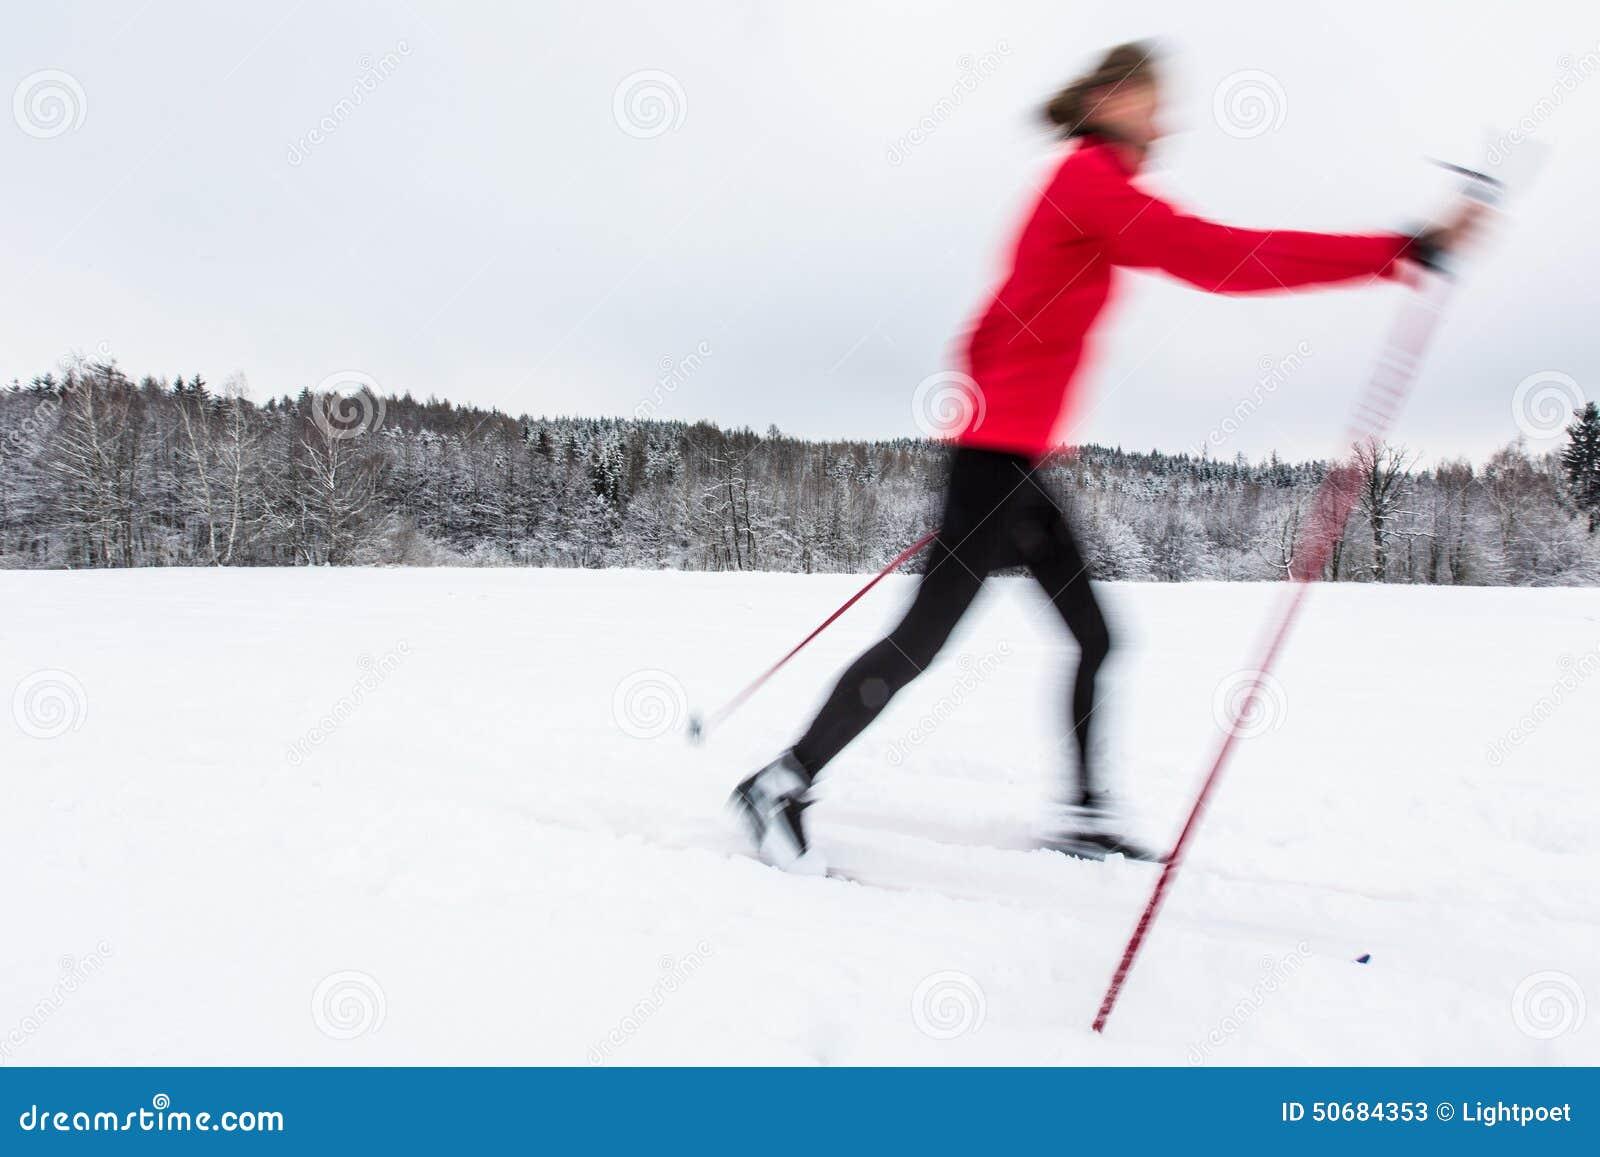 Download 速度滑雪:少妇速度滑雪 库存图片. 图片 包括有 放松, 休闲, 本质, 可爱, 移动, 女演员, 运行 - 50684353